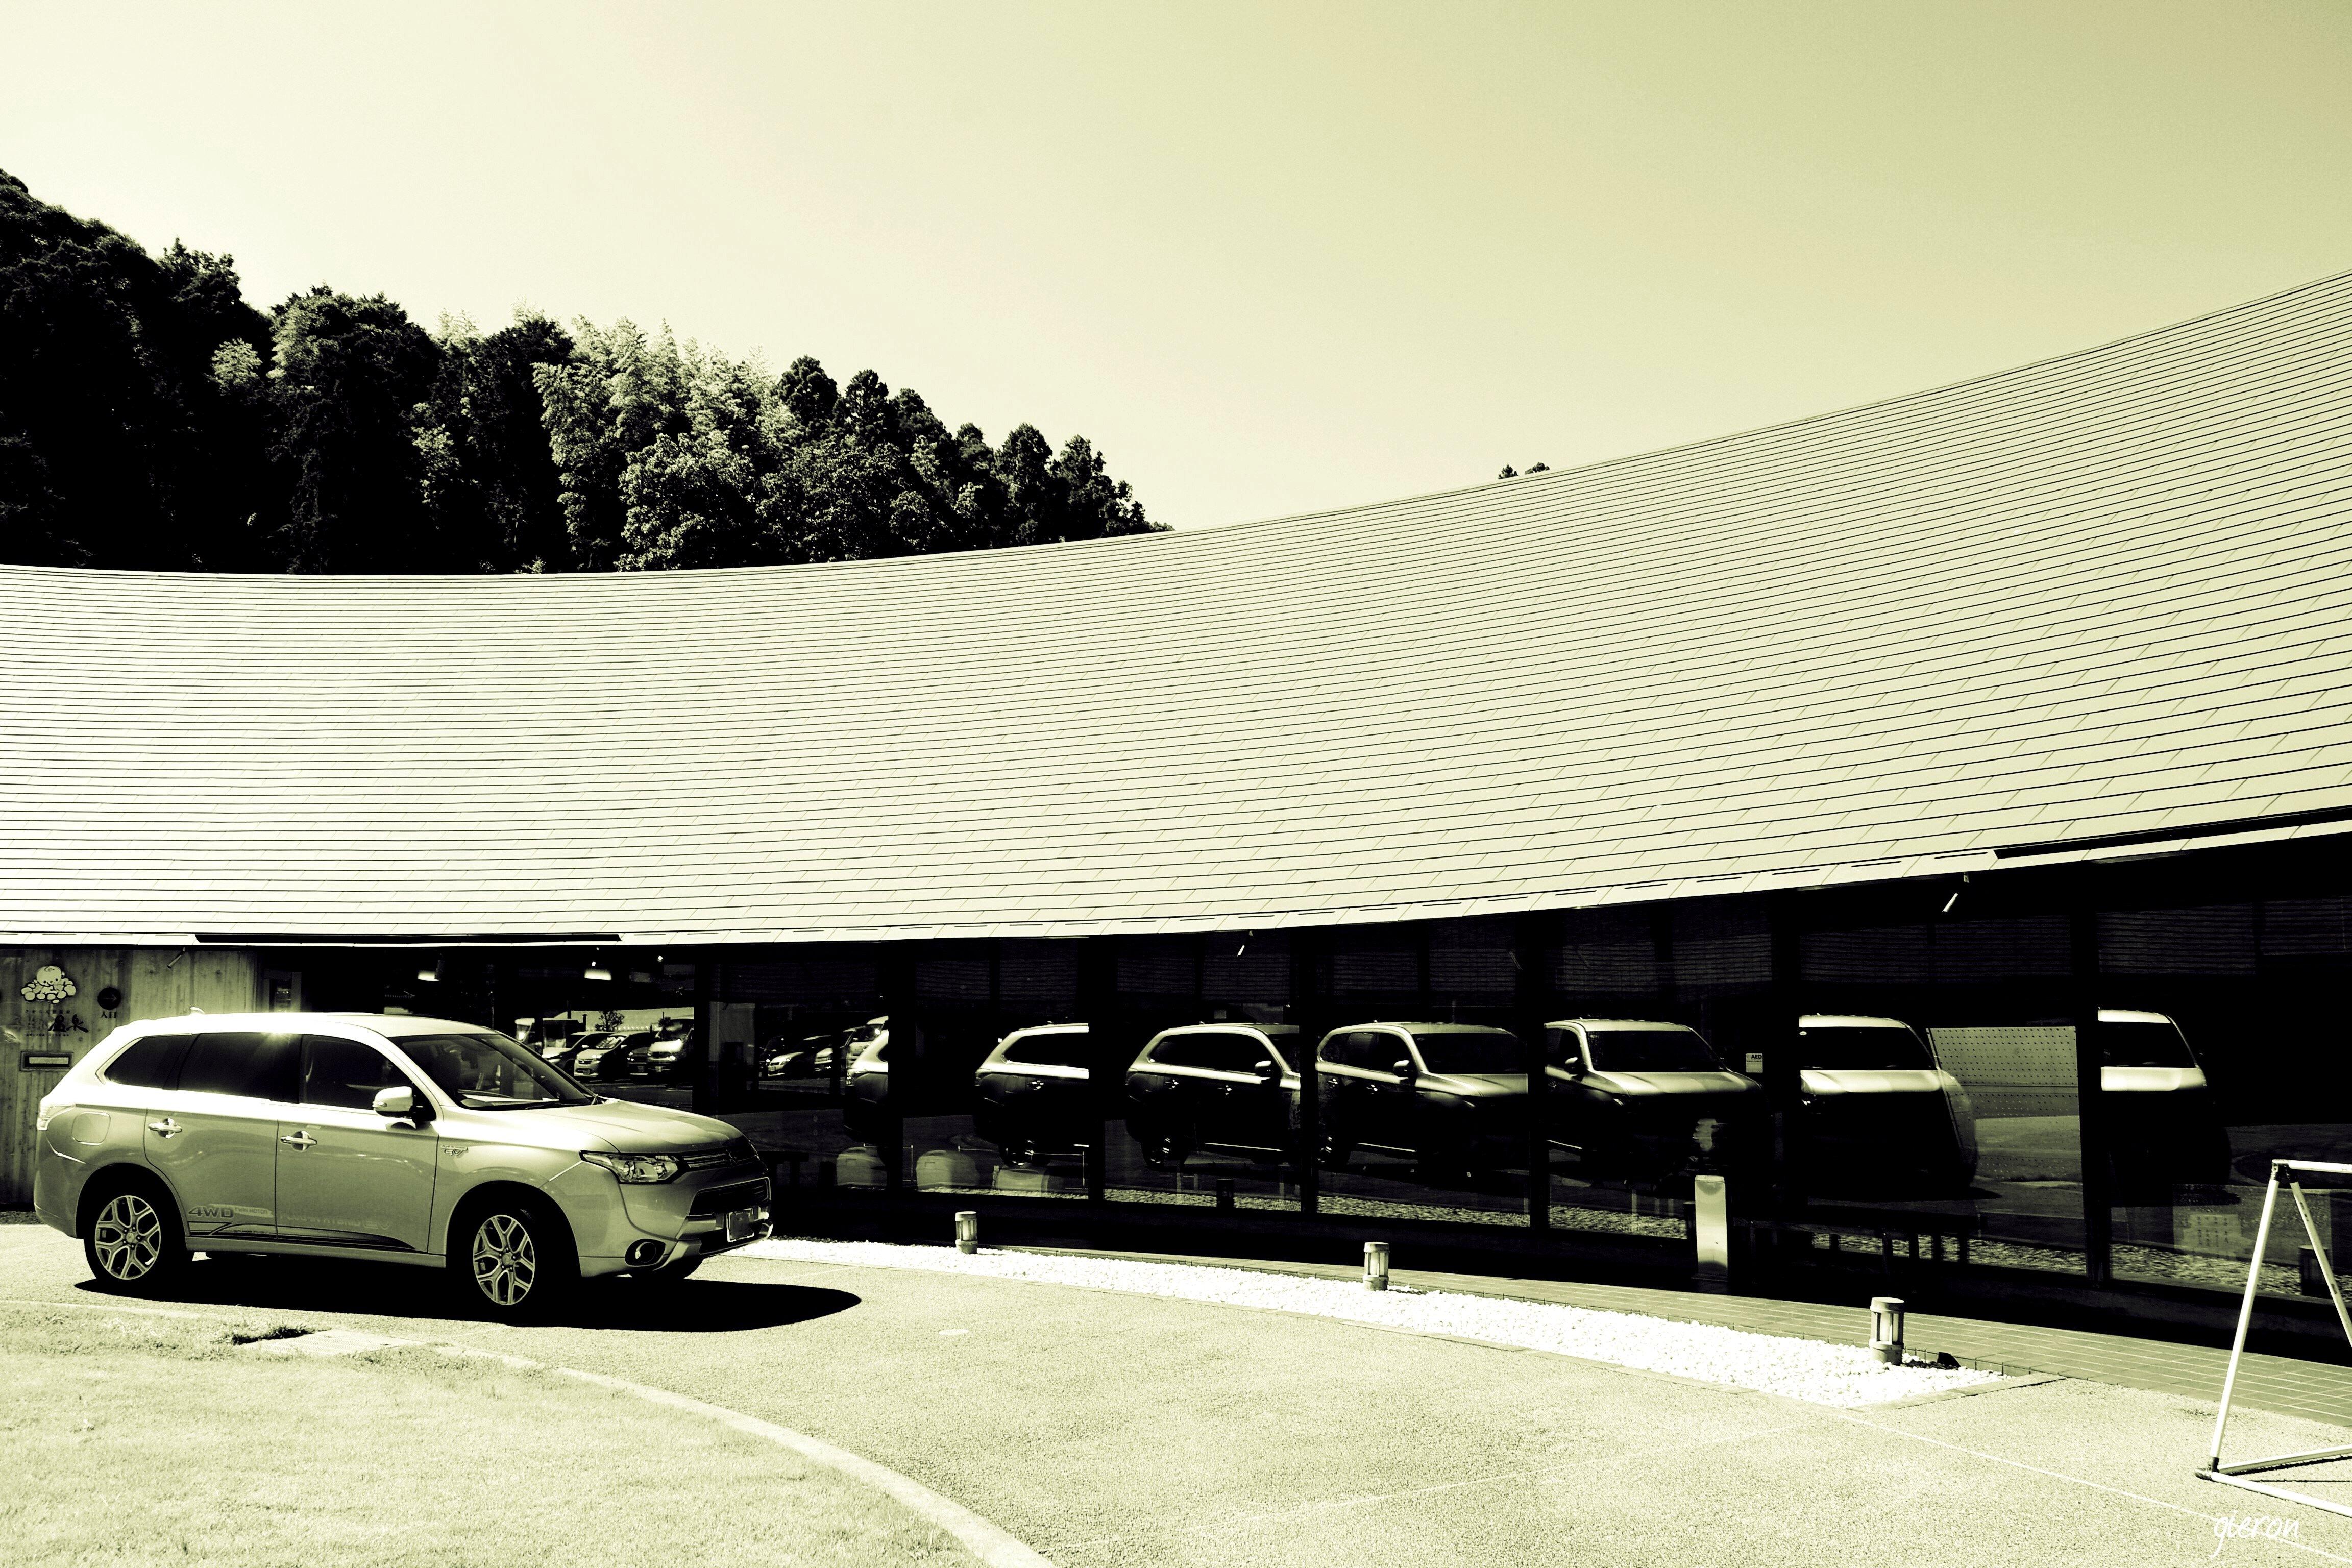 クルマの撮影スポット 多数のクルマが窓に映る 牧之原 子生まれ会館